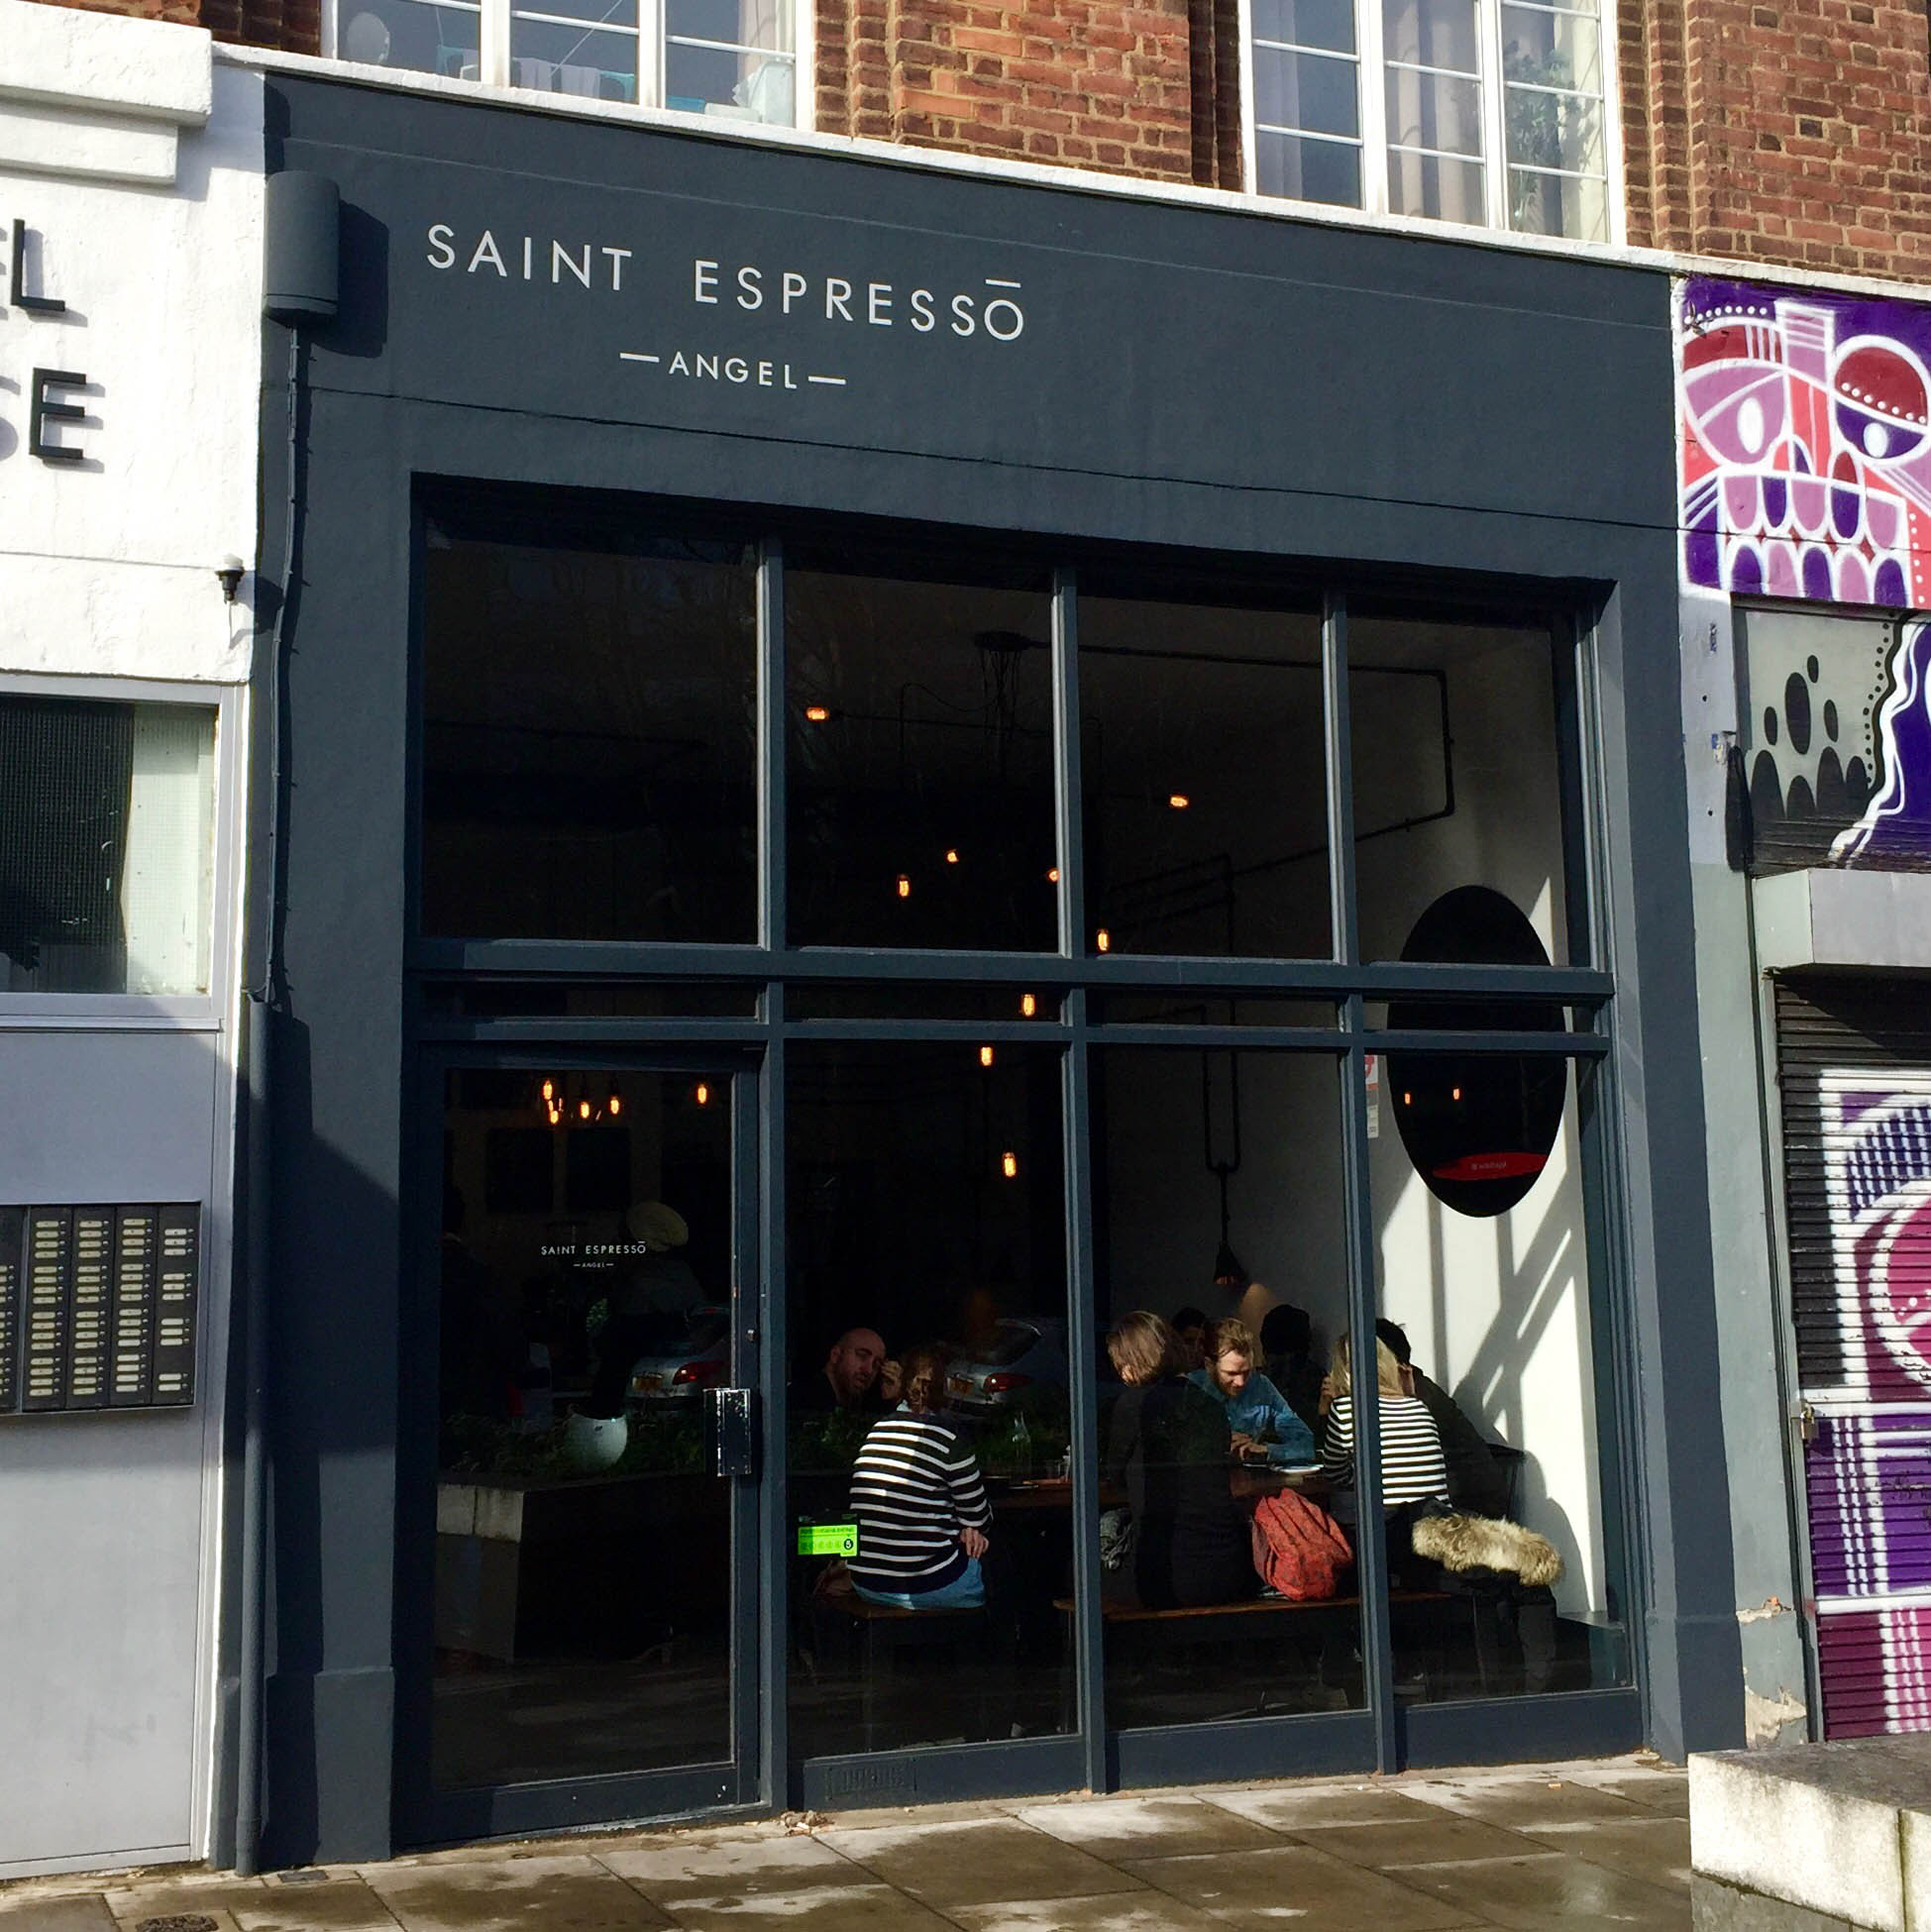 Αποτέλεσμα εικόνας για Saint Espresso, Angel London pics